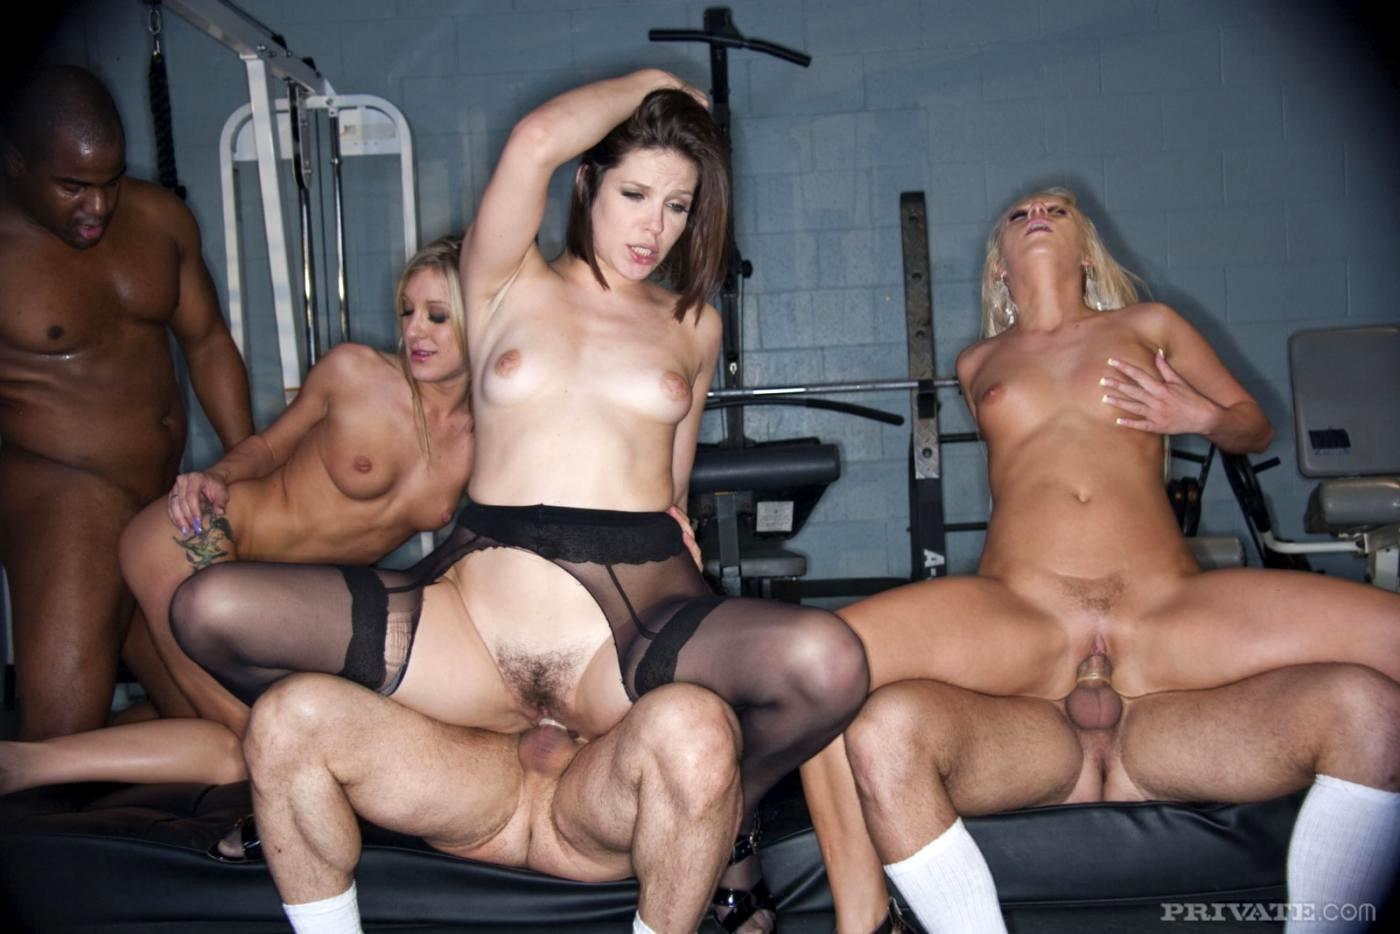 Naked amy starr Amy Starr